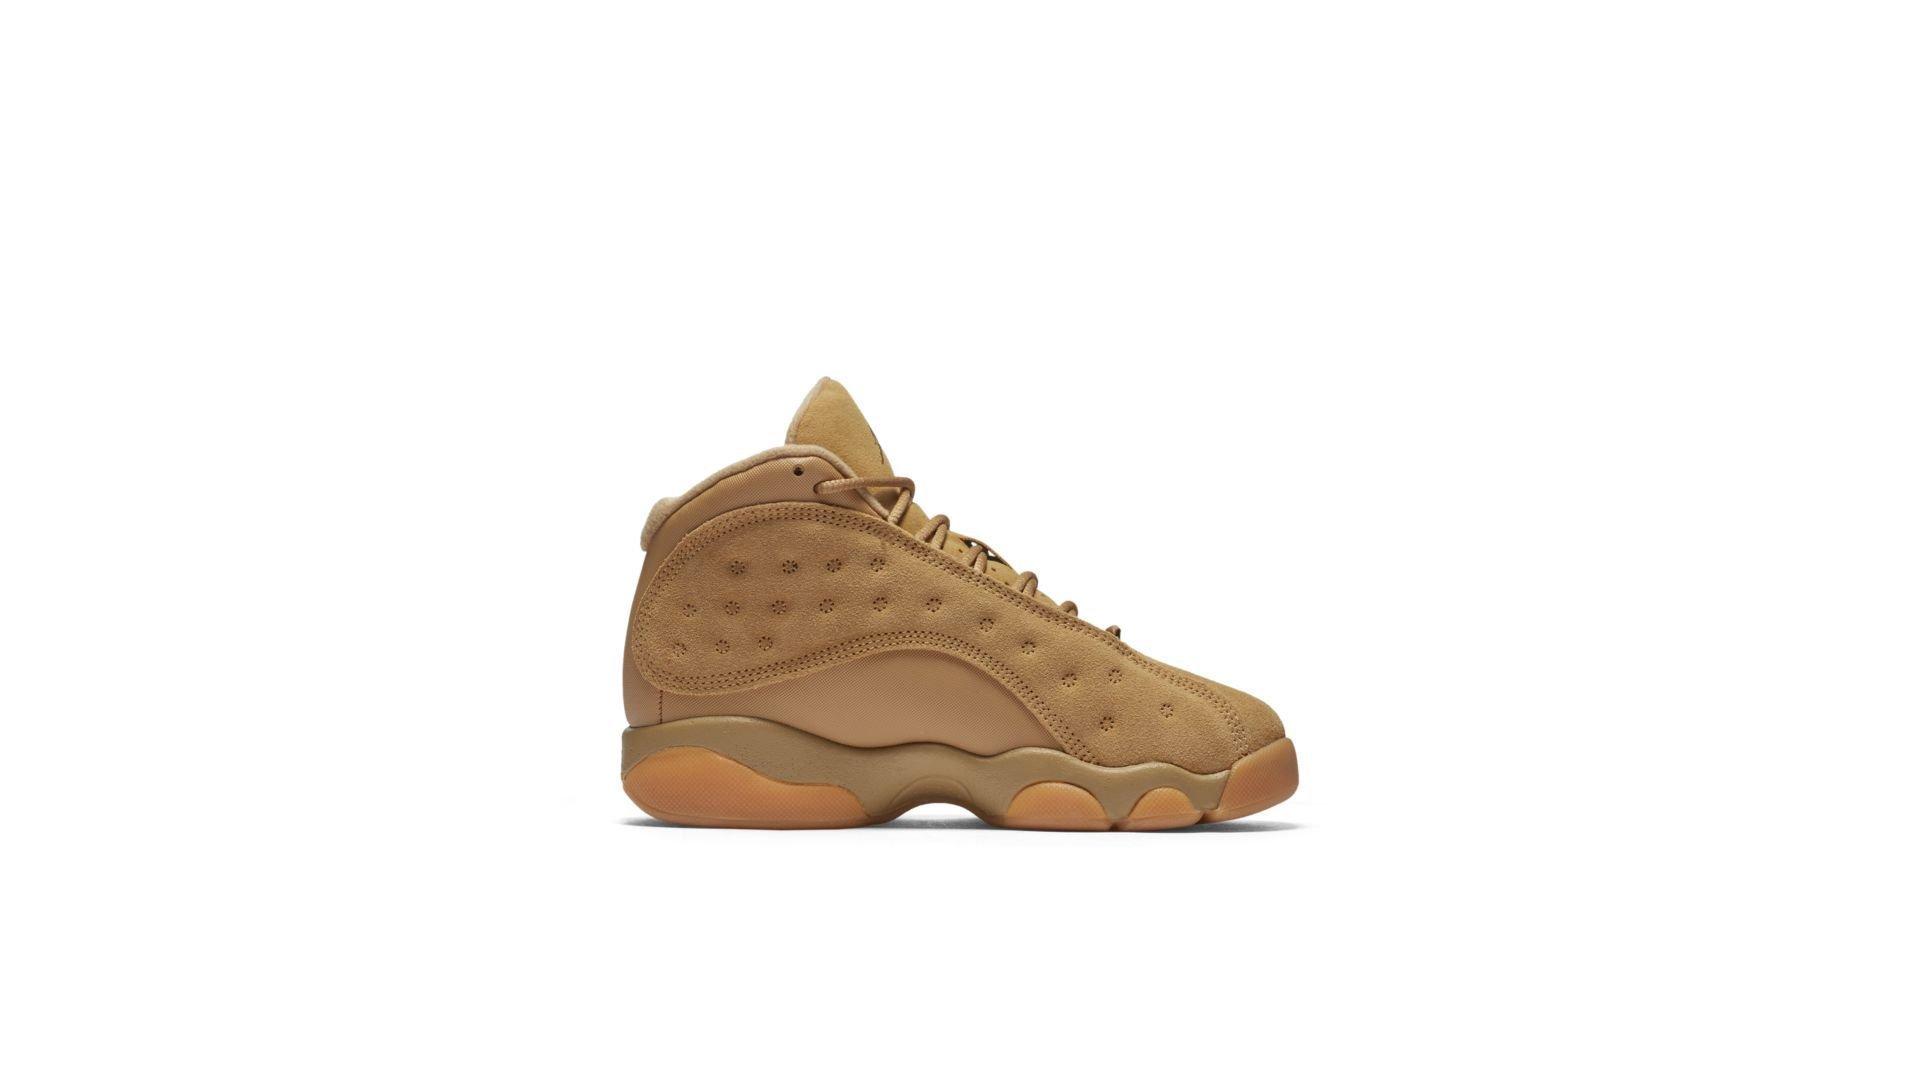 Jordan 13 Retro Wheat (PS) (414575-705)